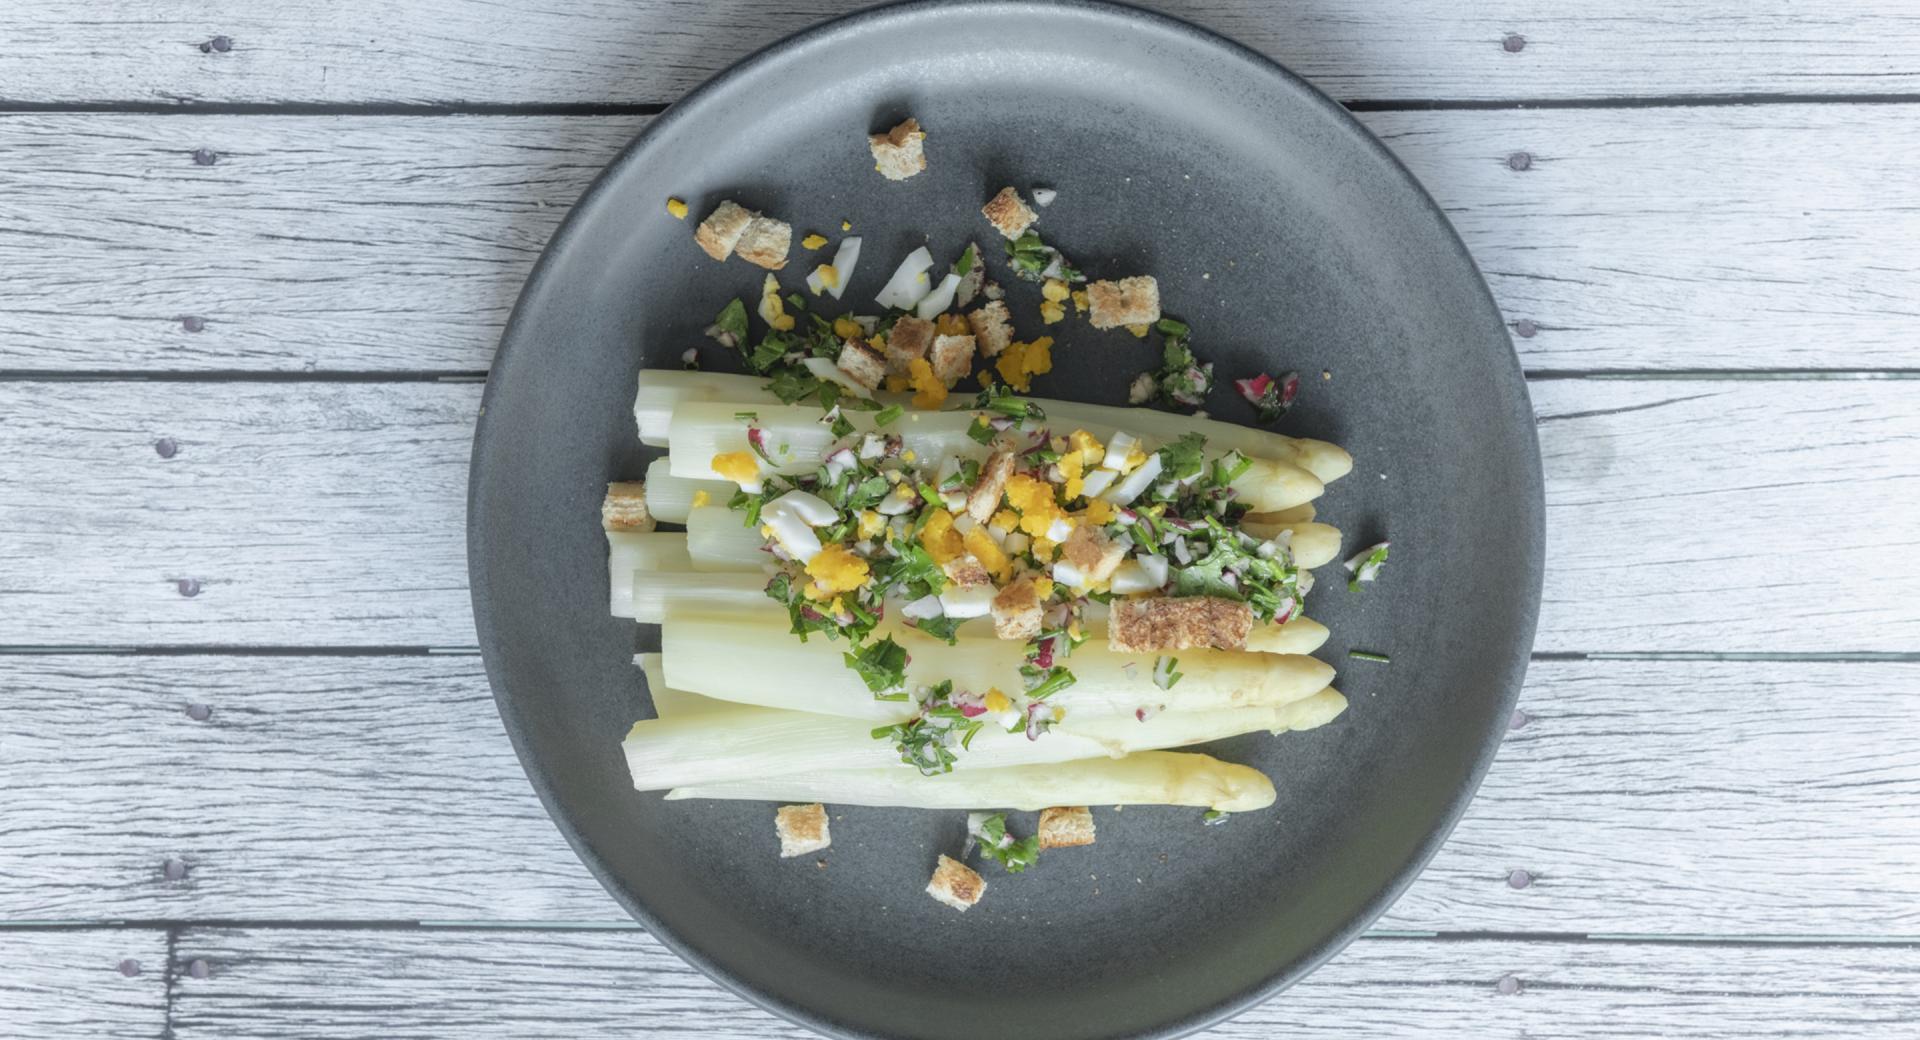 Asparagi con crumble colorato